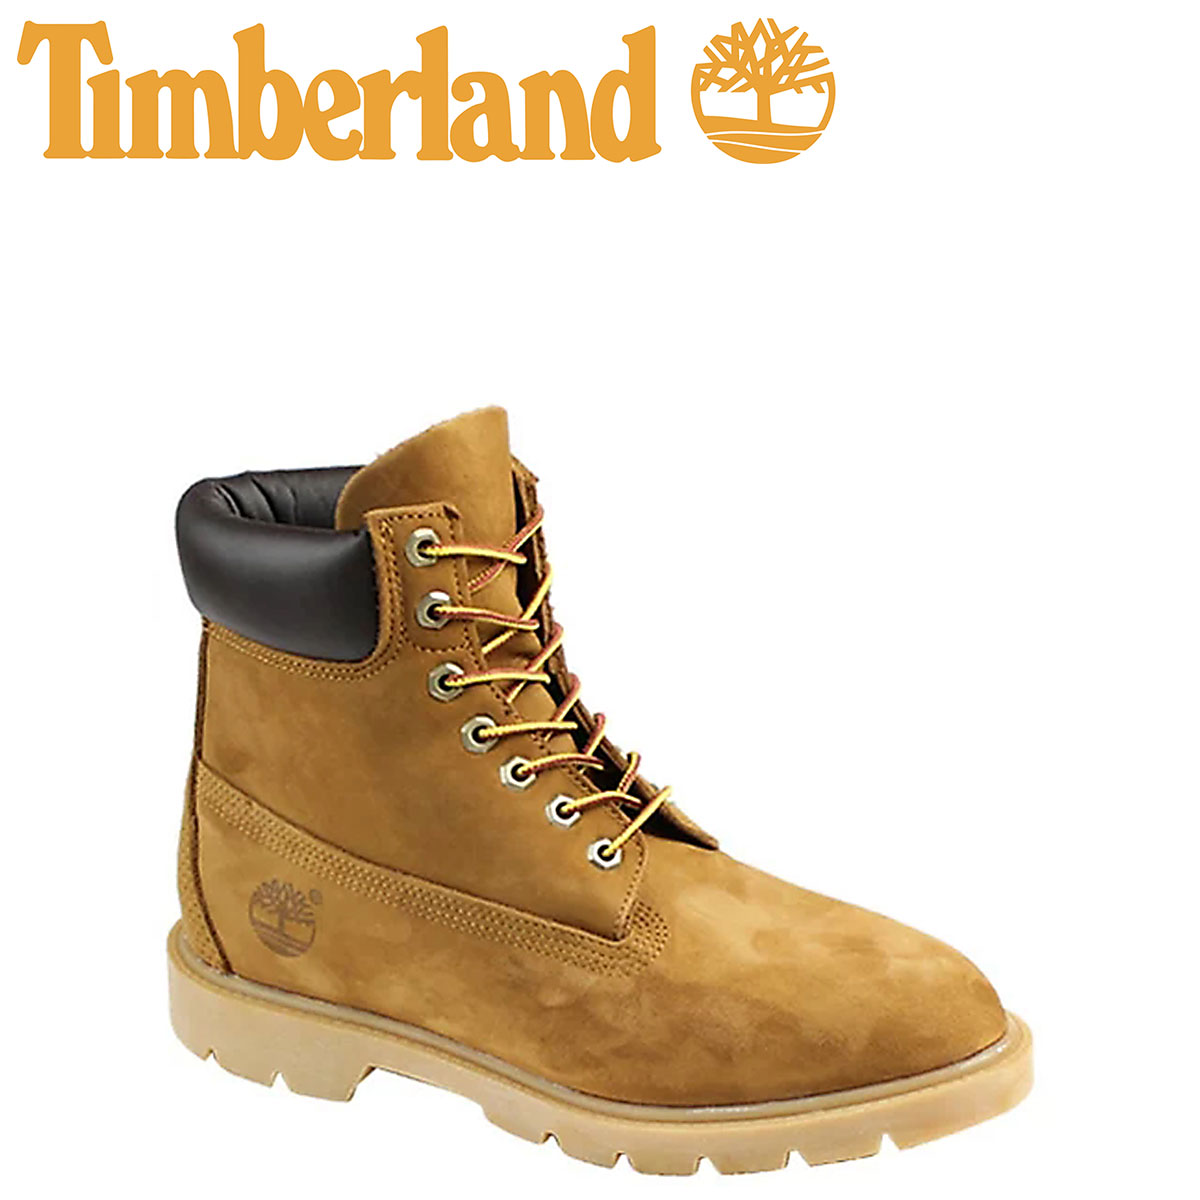 Timberland ティンバーランド 6INCH 6インチ ブーツ 6 INCH BASIC BOOT 19076 Dワイズ 防水 メンズ